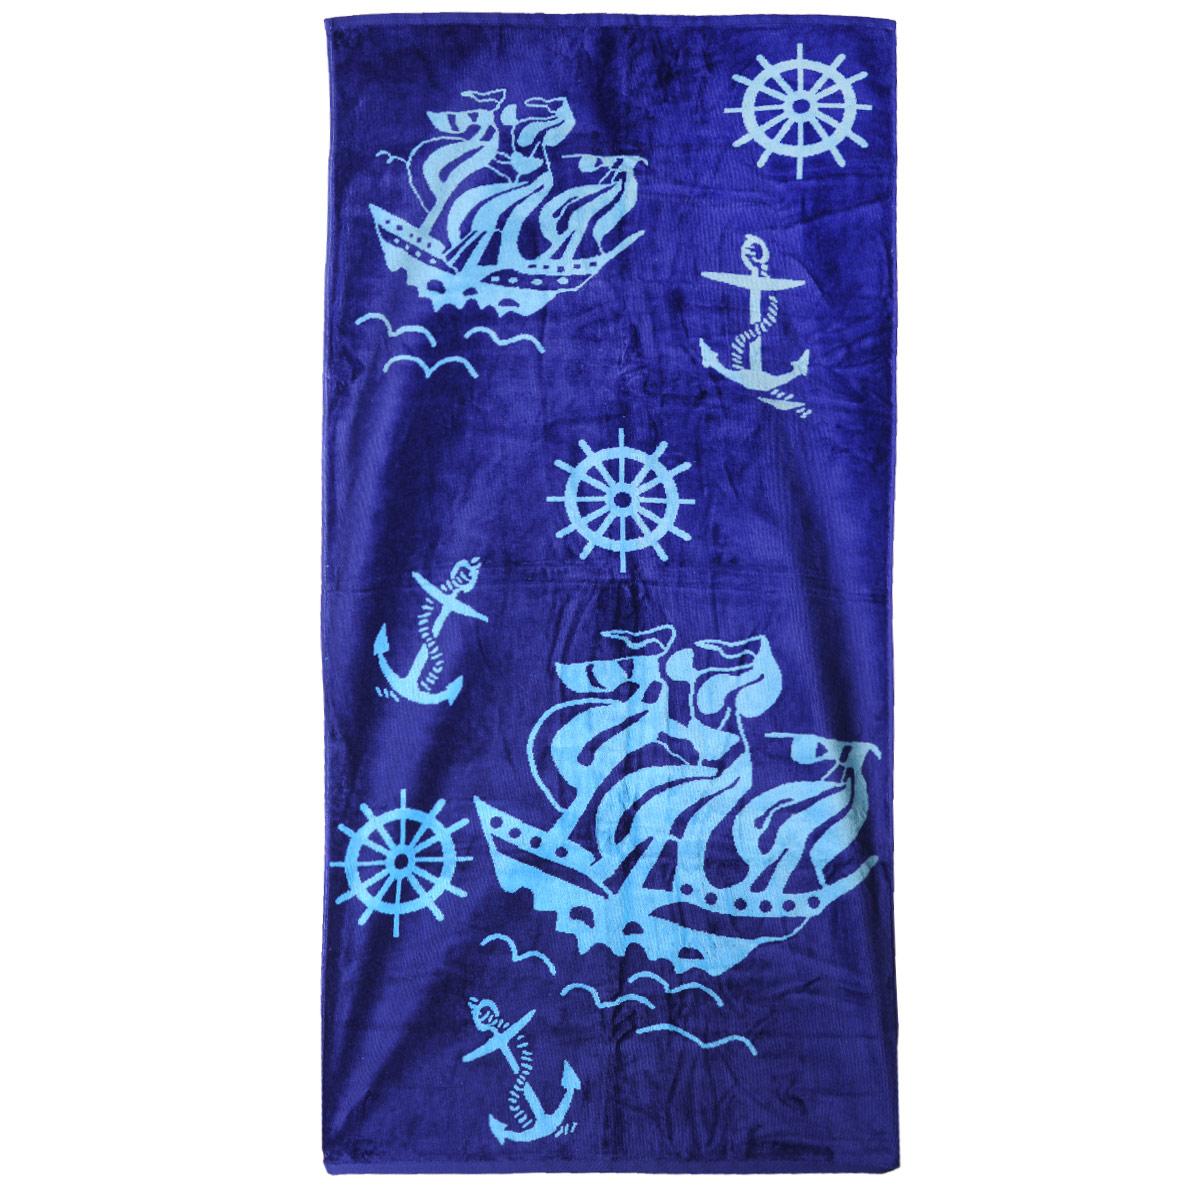 Полотенце пляжное Osborn Textile Якоря, цвет: синий, 70 х 140 смУзТ-ВП-002-02-06Пляжное полотенце Osborn Textile Якоря, изготовленное из 100% натурального хлопка с морской тематикой, добавит романтического настроения во время отпуска. Благодаря мягкому хлопку высочайшего качества полотенце мгновенно впитывает в себя большой объем воды. Одна сторона полотенца выполнена из велюровой ткани, вторая - из махровой. Пусть это полотенце станет вашим любимым аксессуаром! Красота и качество сделают его отличным подарком как милым дамам, так и мужчинам. Плотность: 450 г/м2.